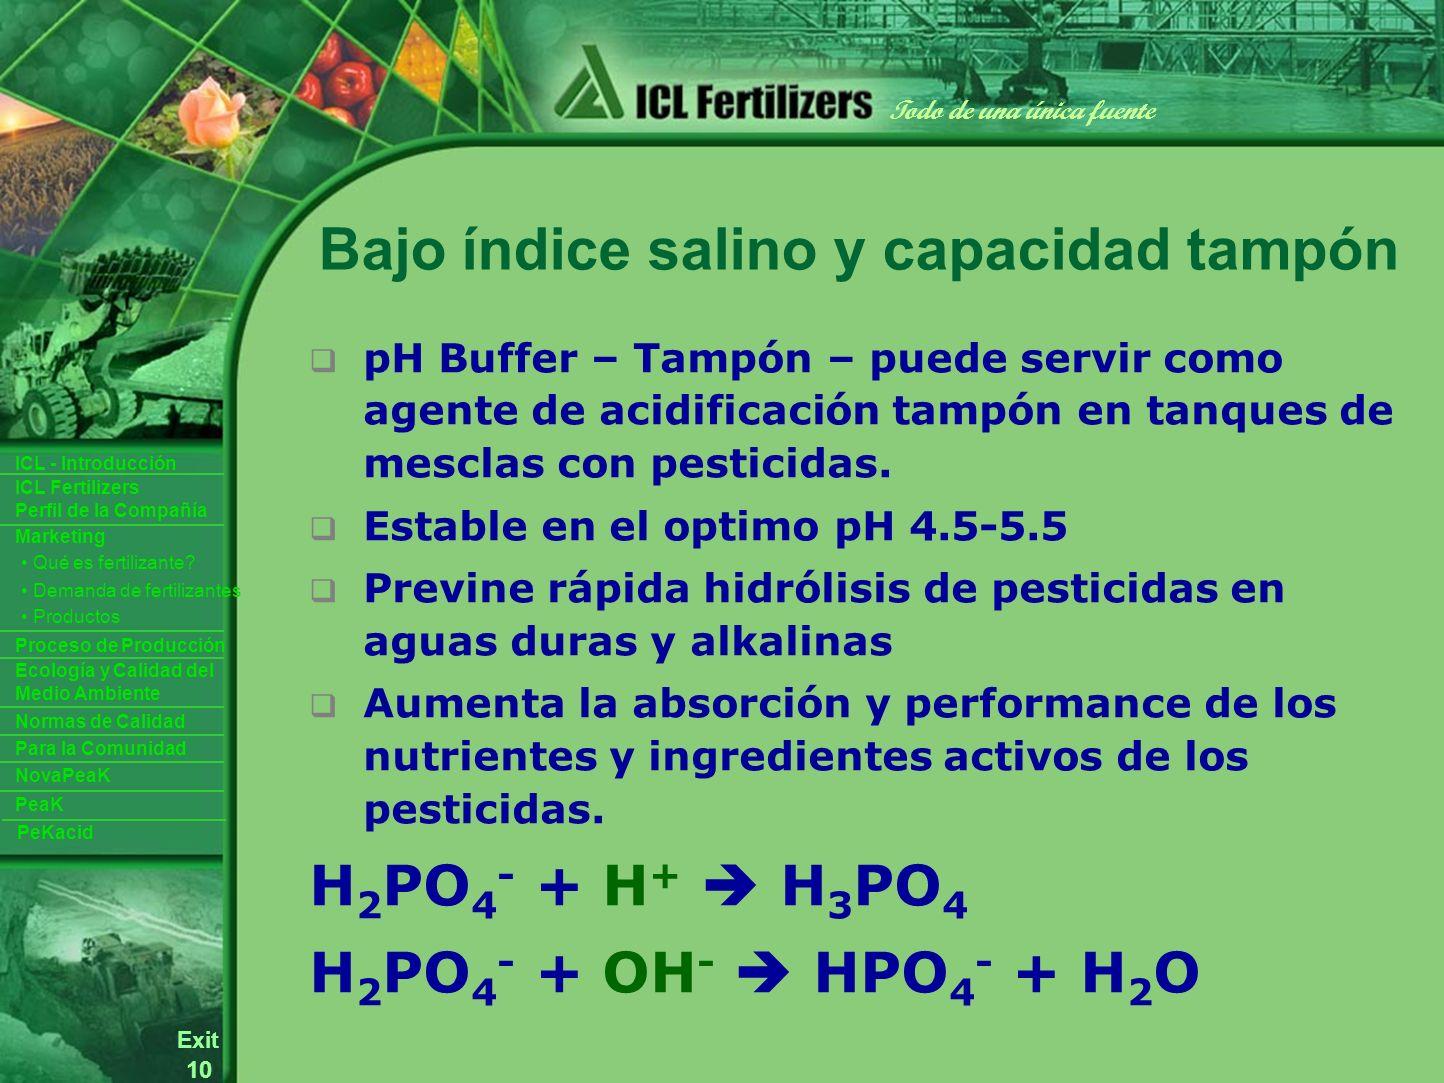 10 Exit Todo de una única fuente ICL Fertilizers Perfil de la Compañía ICL - Introducción Productos Para la Comunidad Ecología y Calidad del Medio Ambiente Normas de Calidad Marketing Proceso de Producción Demanda de fertilizantes Qué es fertilizante.